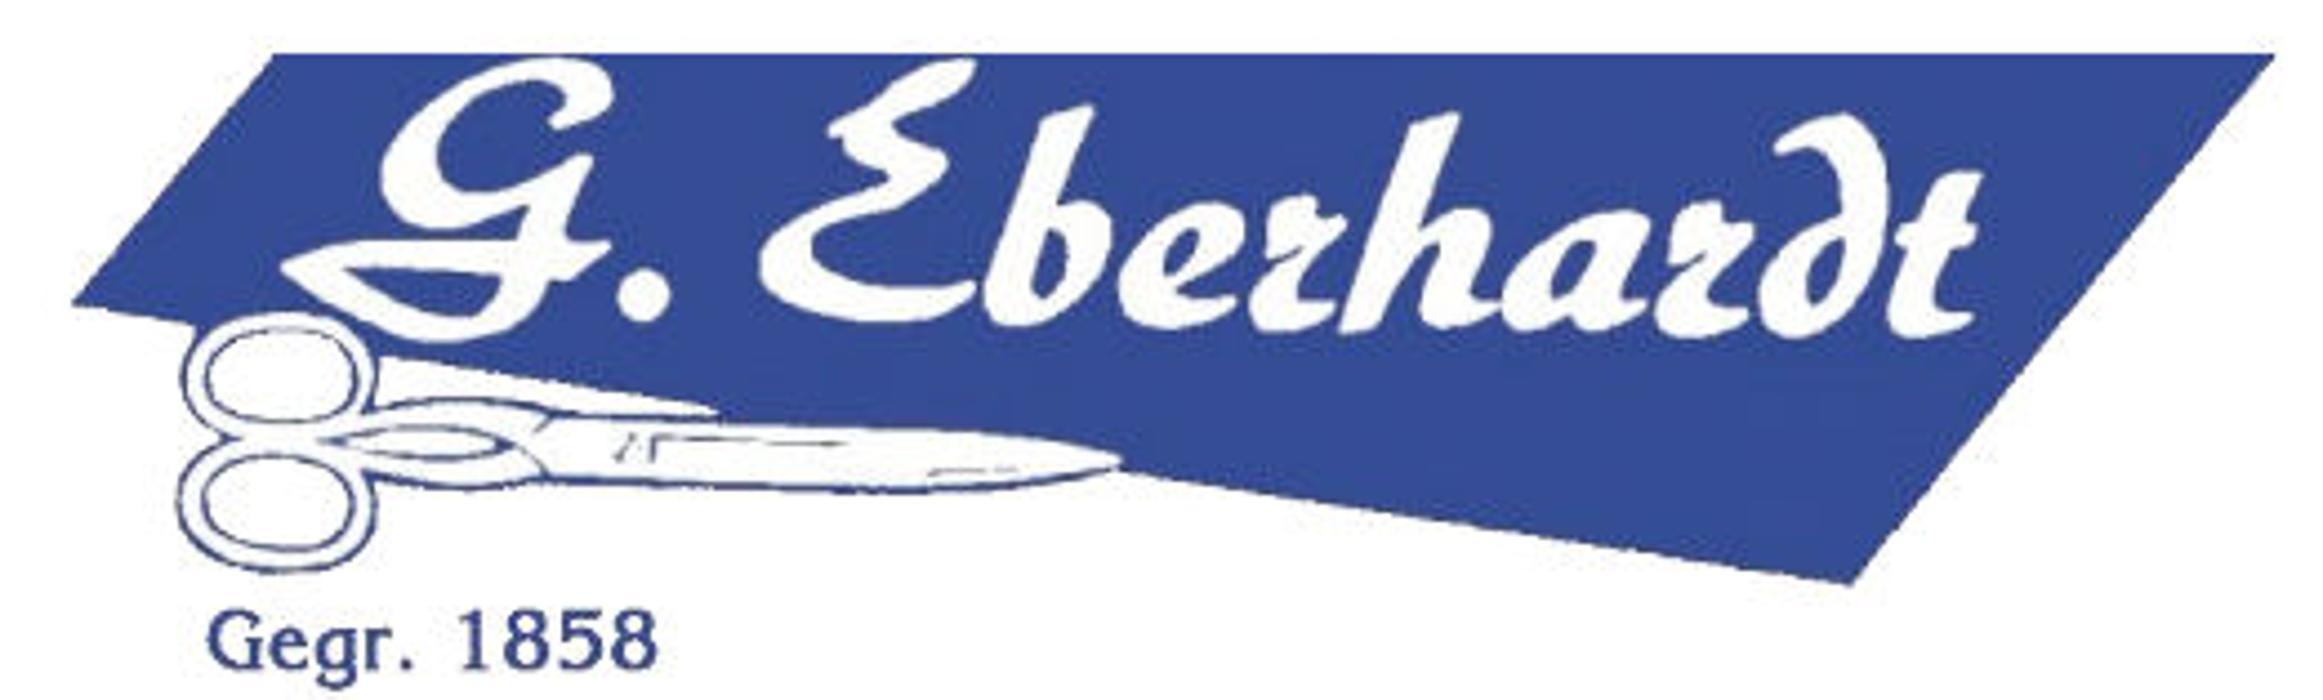 Bild zu G. Eberhardt Welt der Schneidwaren in Wiesbaden